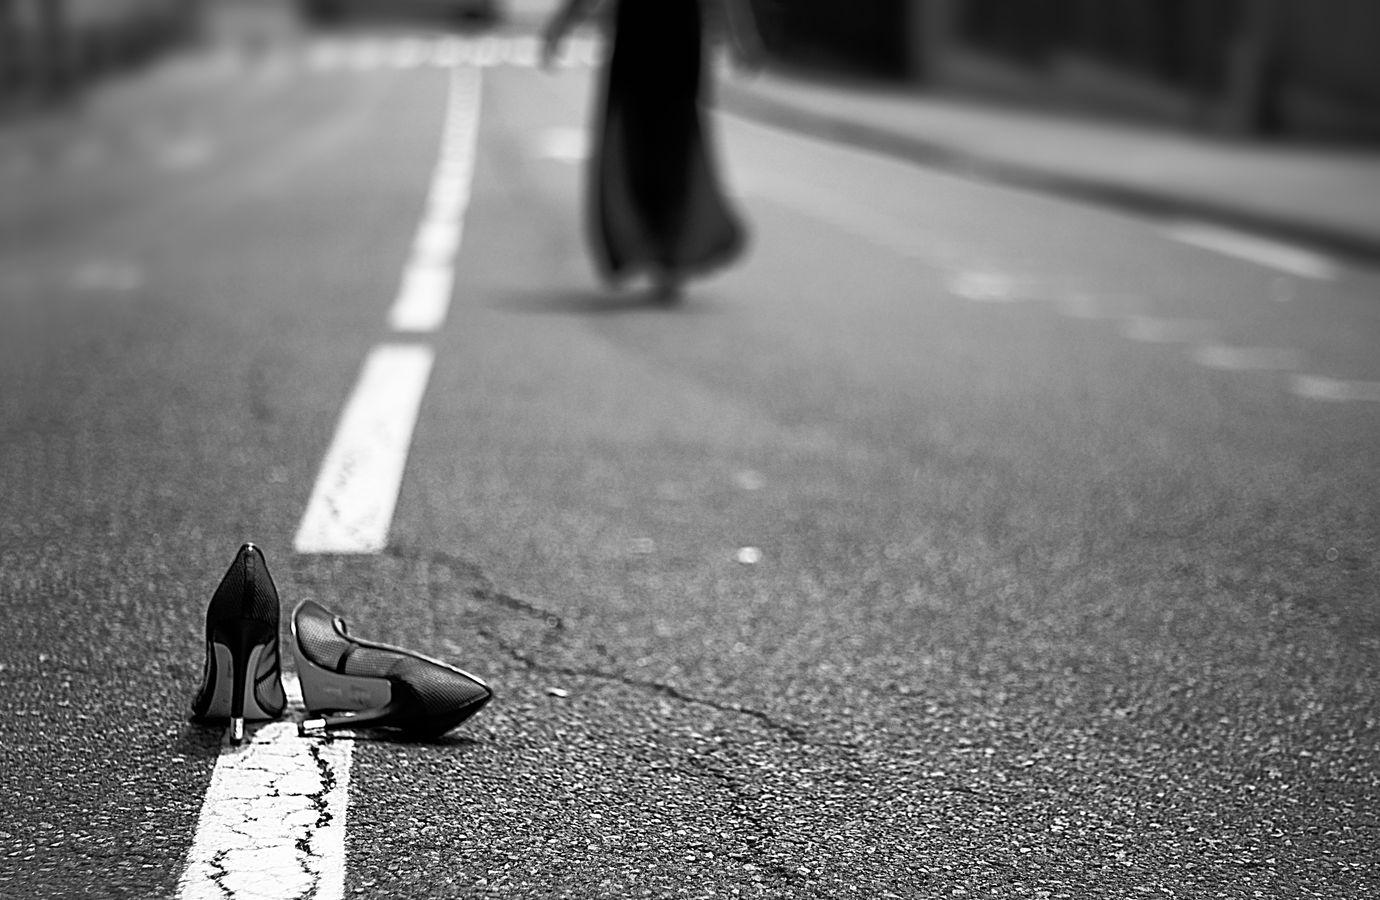 Une silhouette en robe noire s'éloigne avec un air léger, en abandonnant une paire de talons aiguilles sur la ligne blanche d'une route.